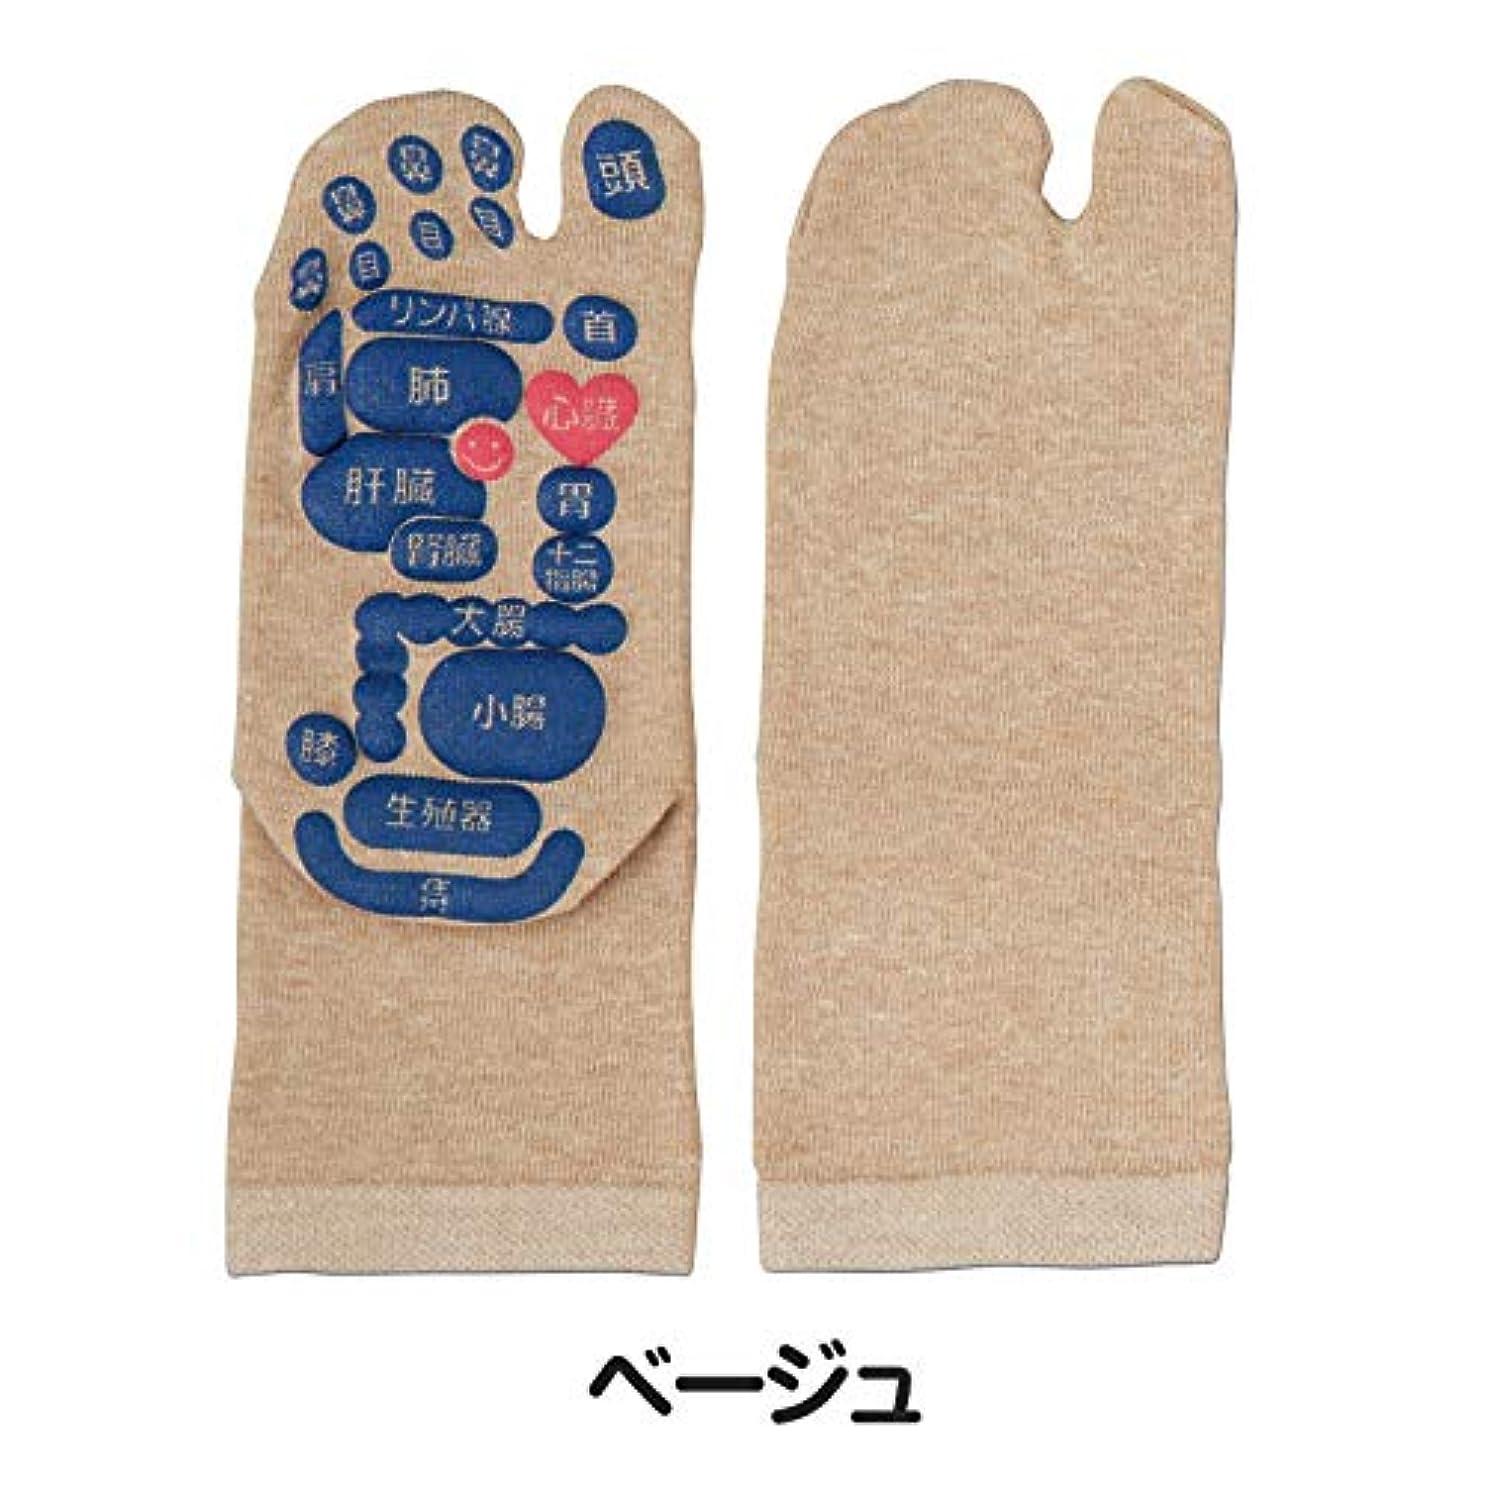 電極軍大いにつぼマップ 足袋ソックス ベージュ 22-25cm